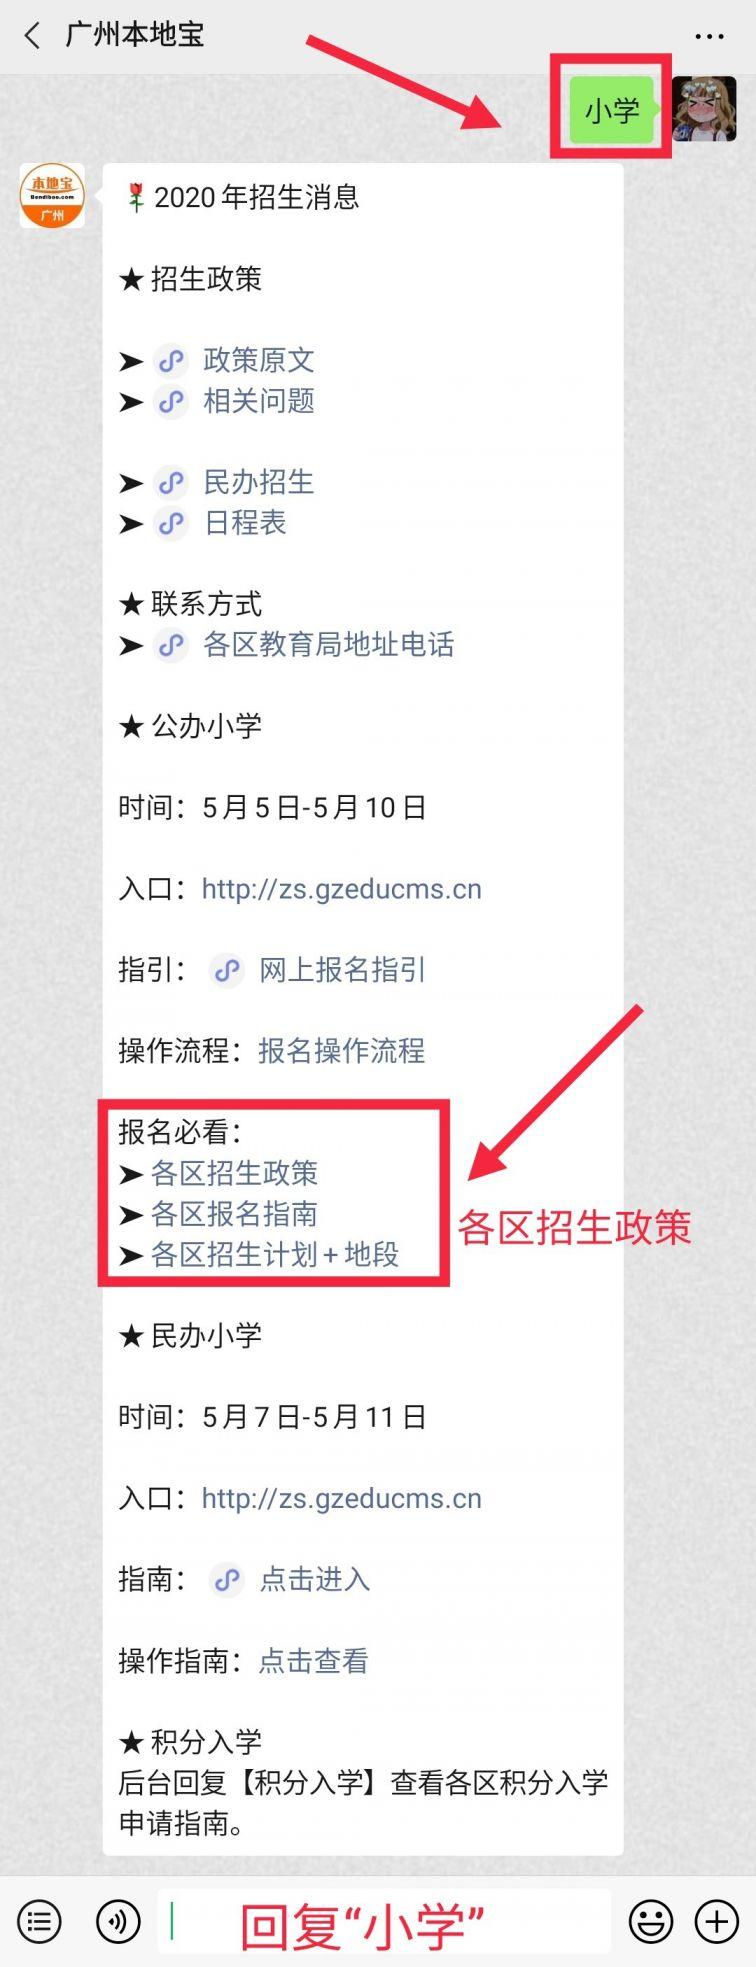 2020广州增城区新塘镇新墩小学招生地段范围